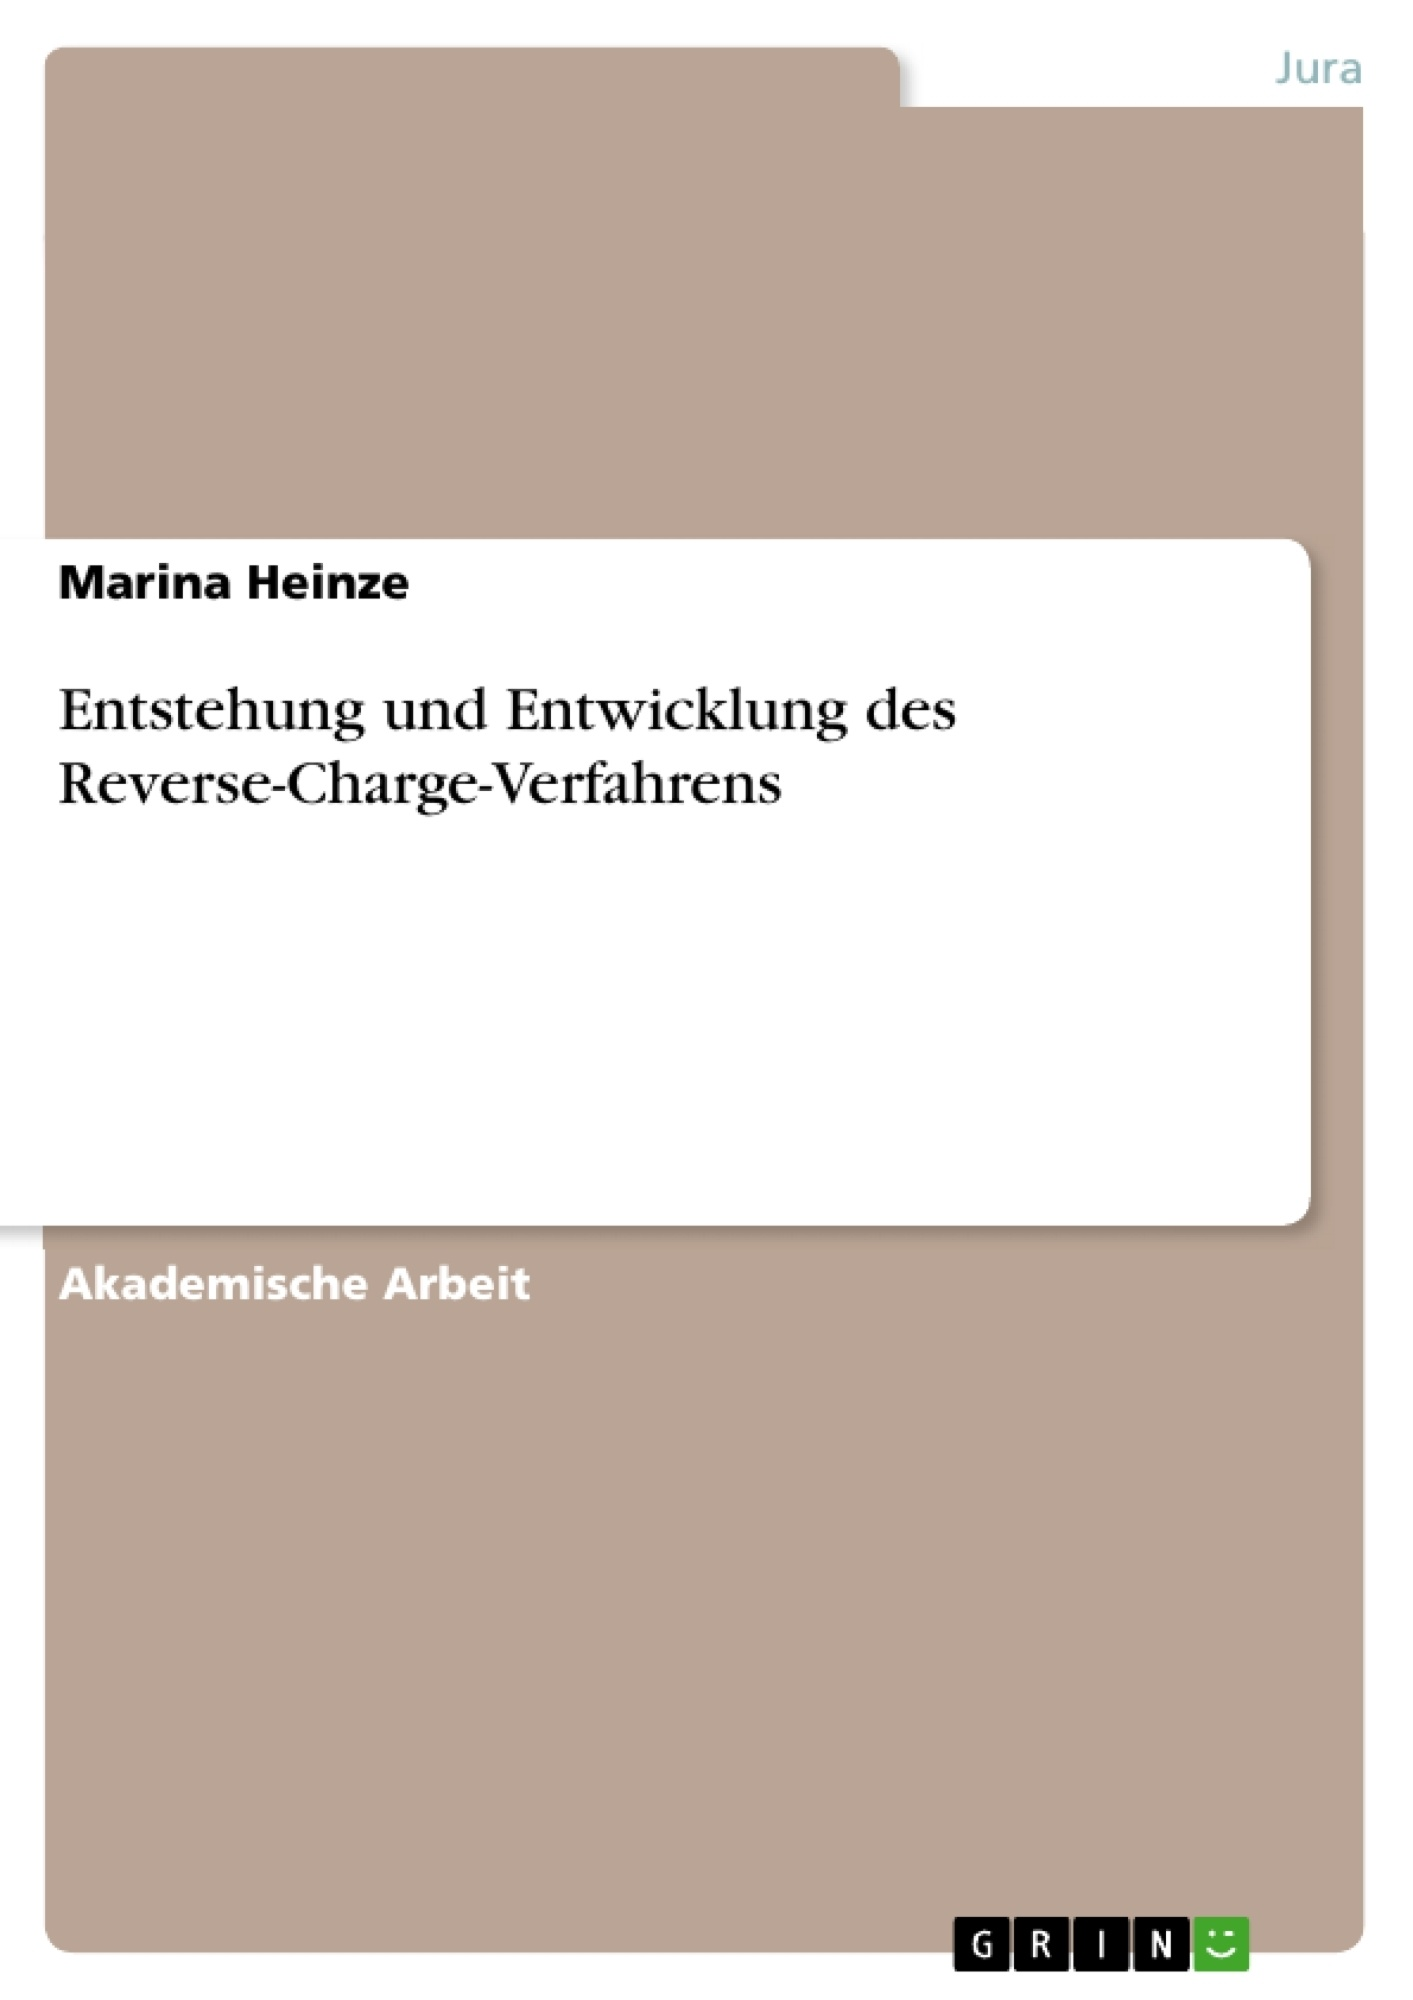 Titel: Entstehung und Entwicklung des Reverse-Charge-Verfahrens